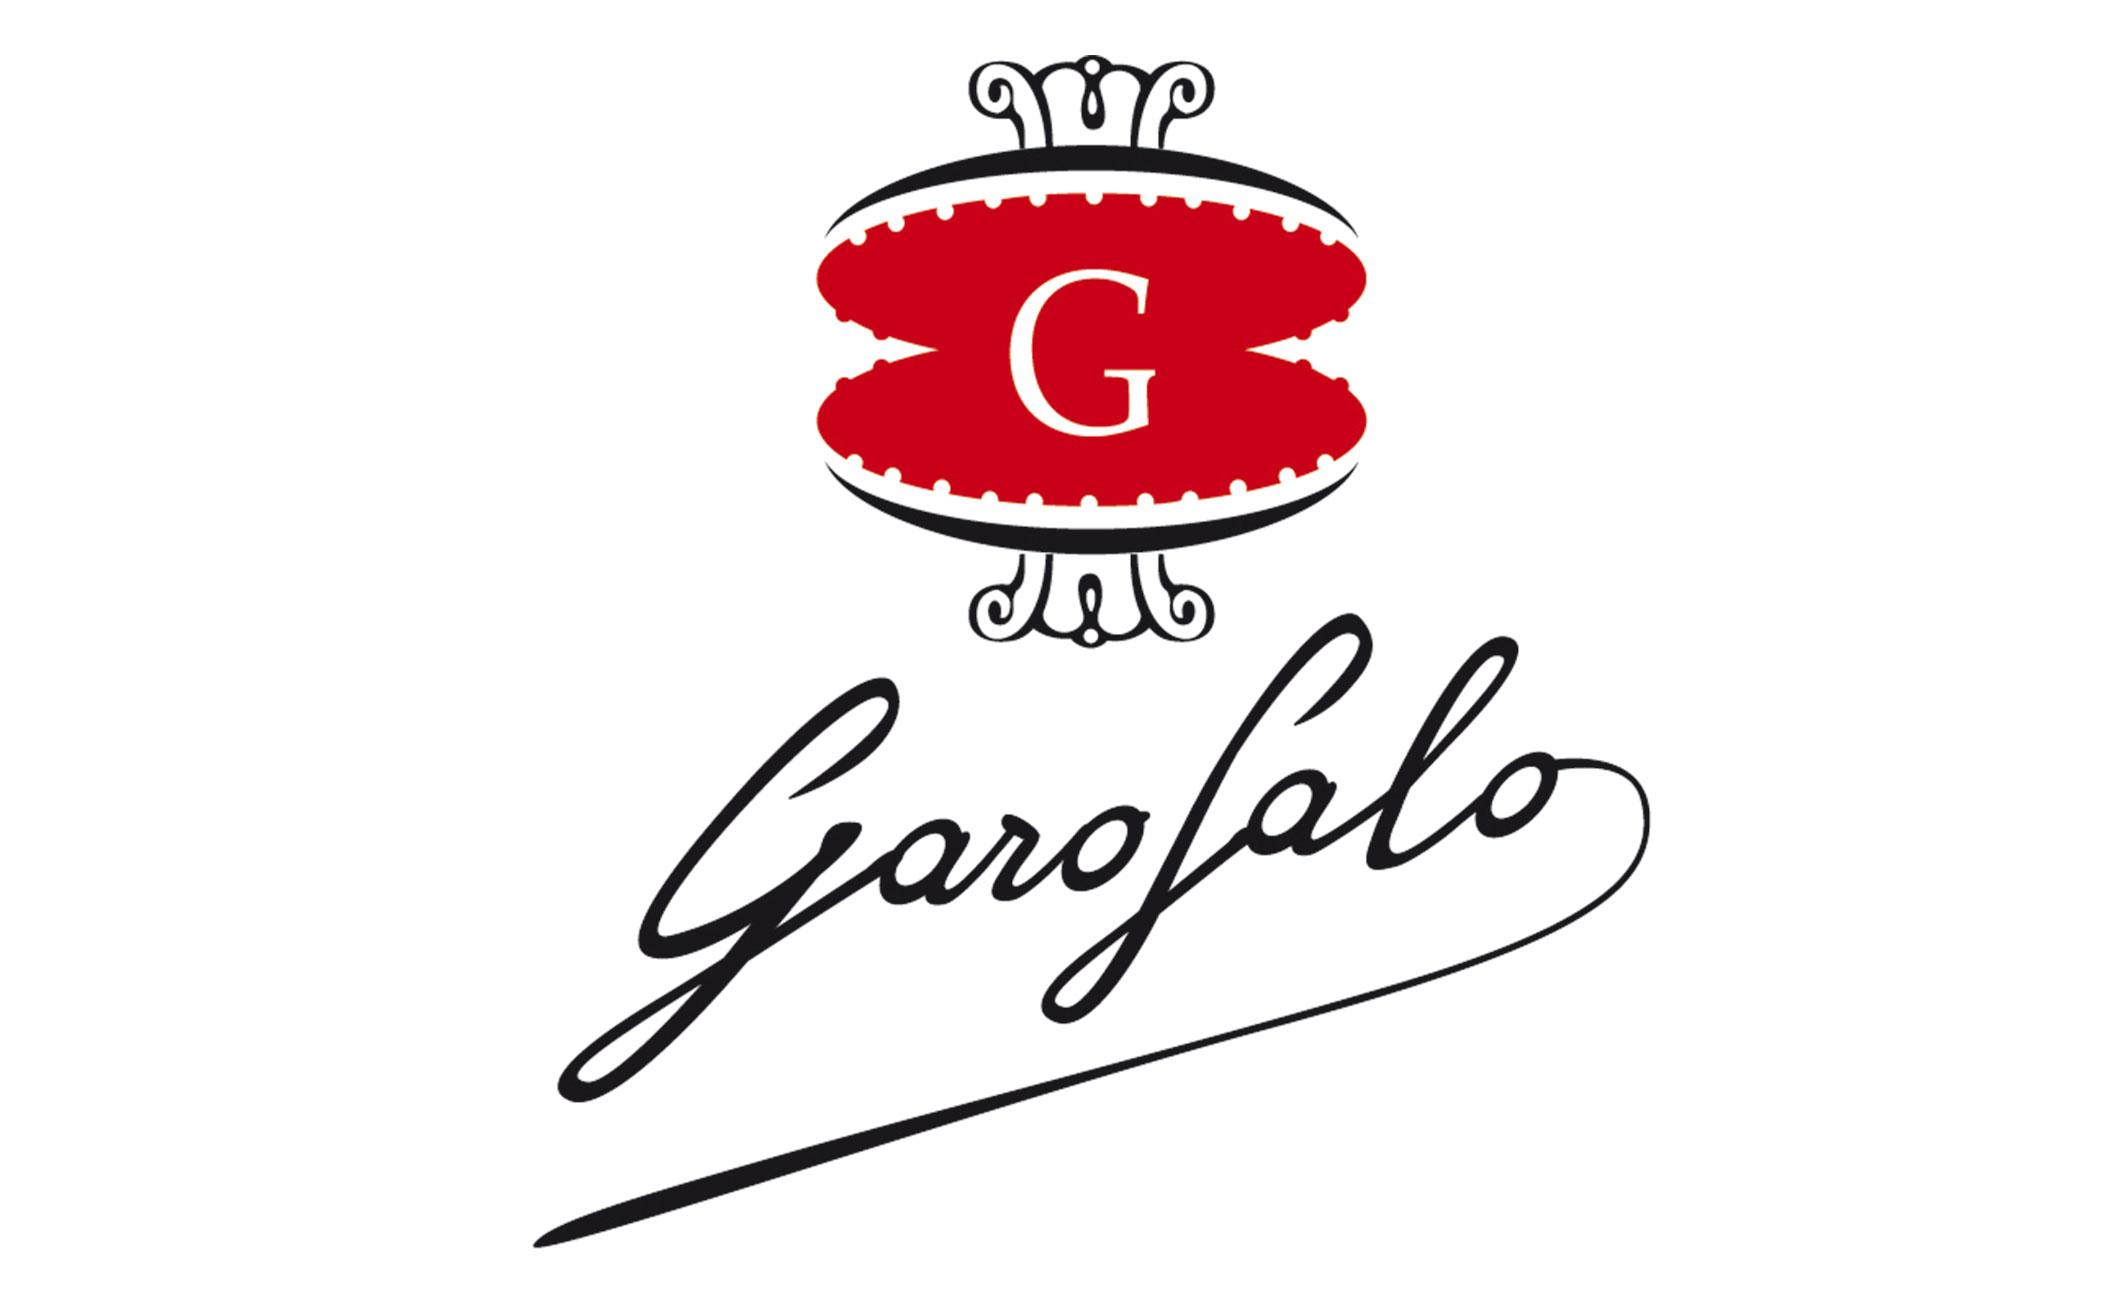 Garofalo-Try-try